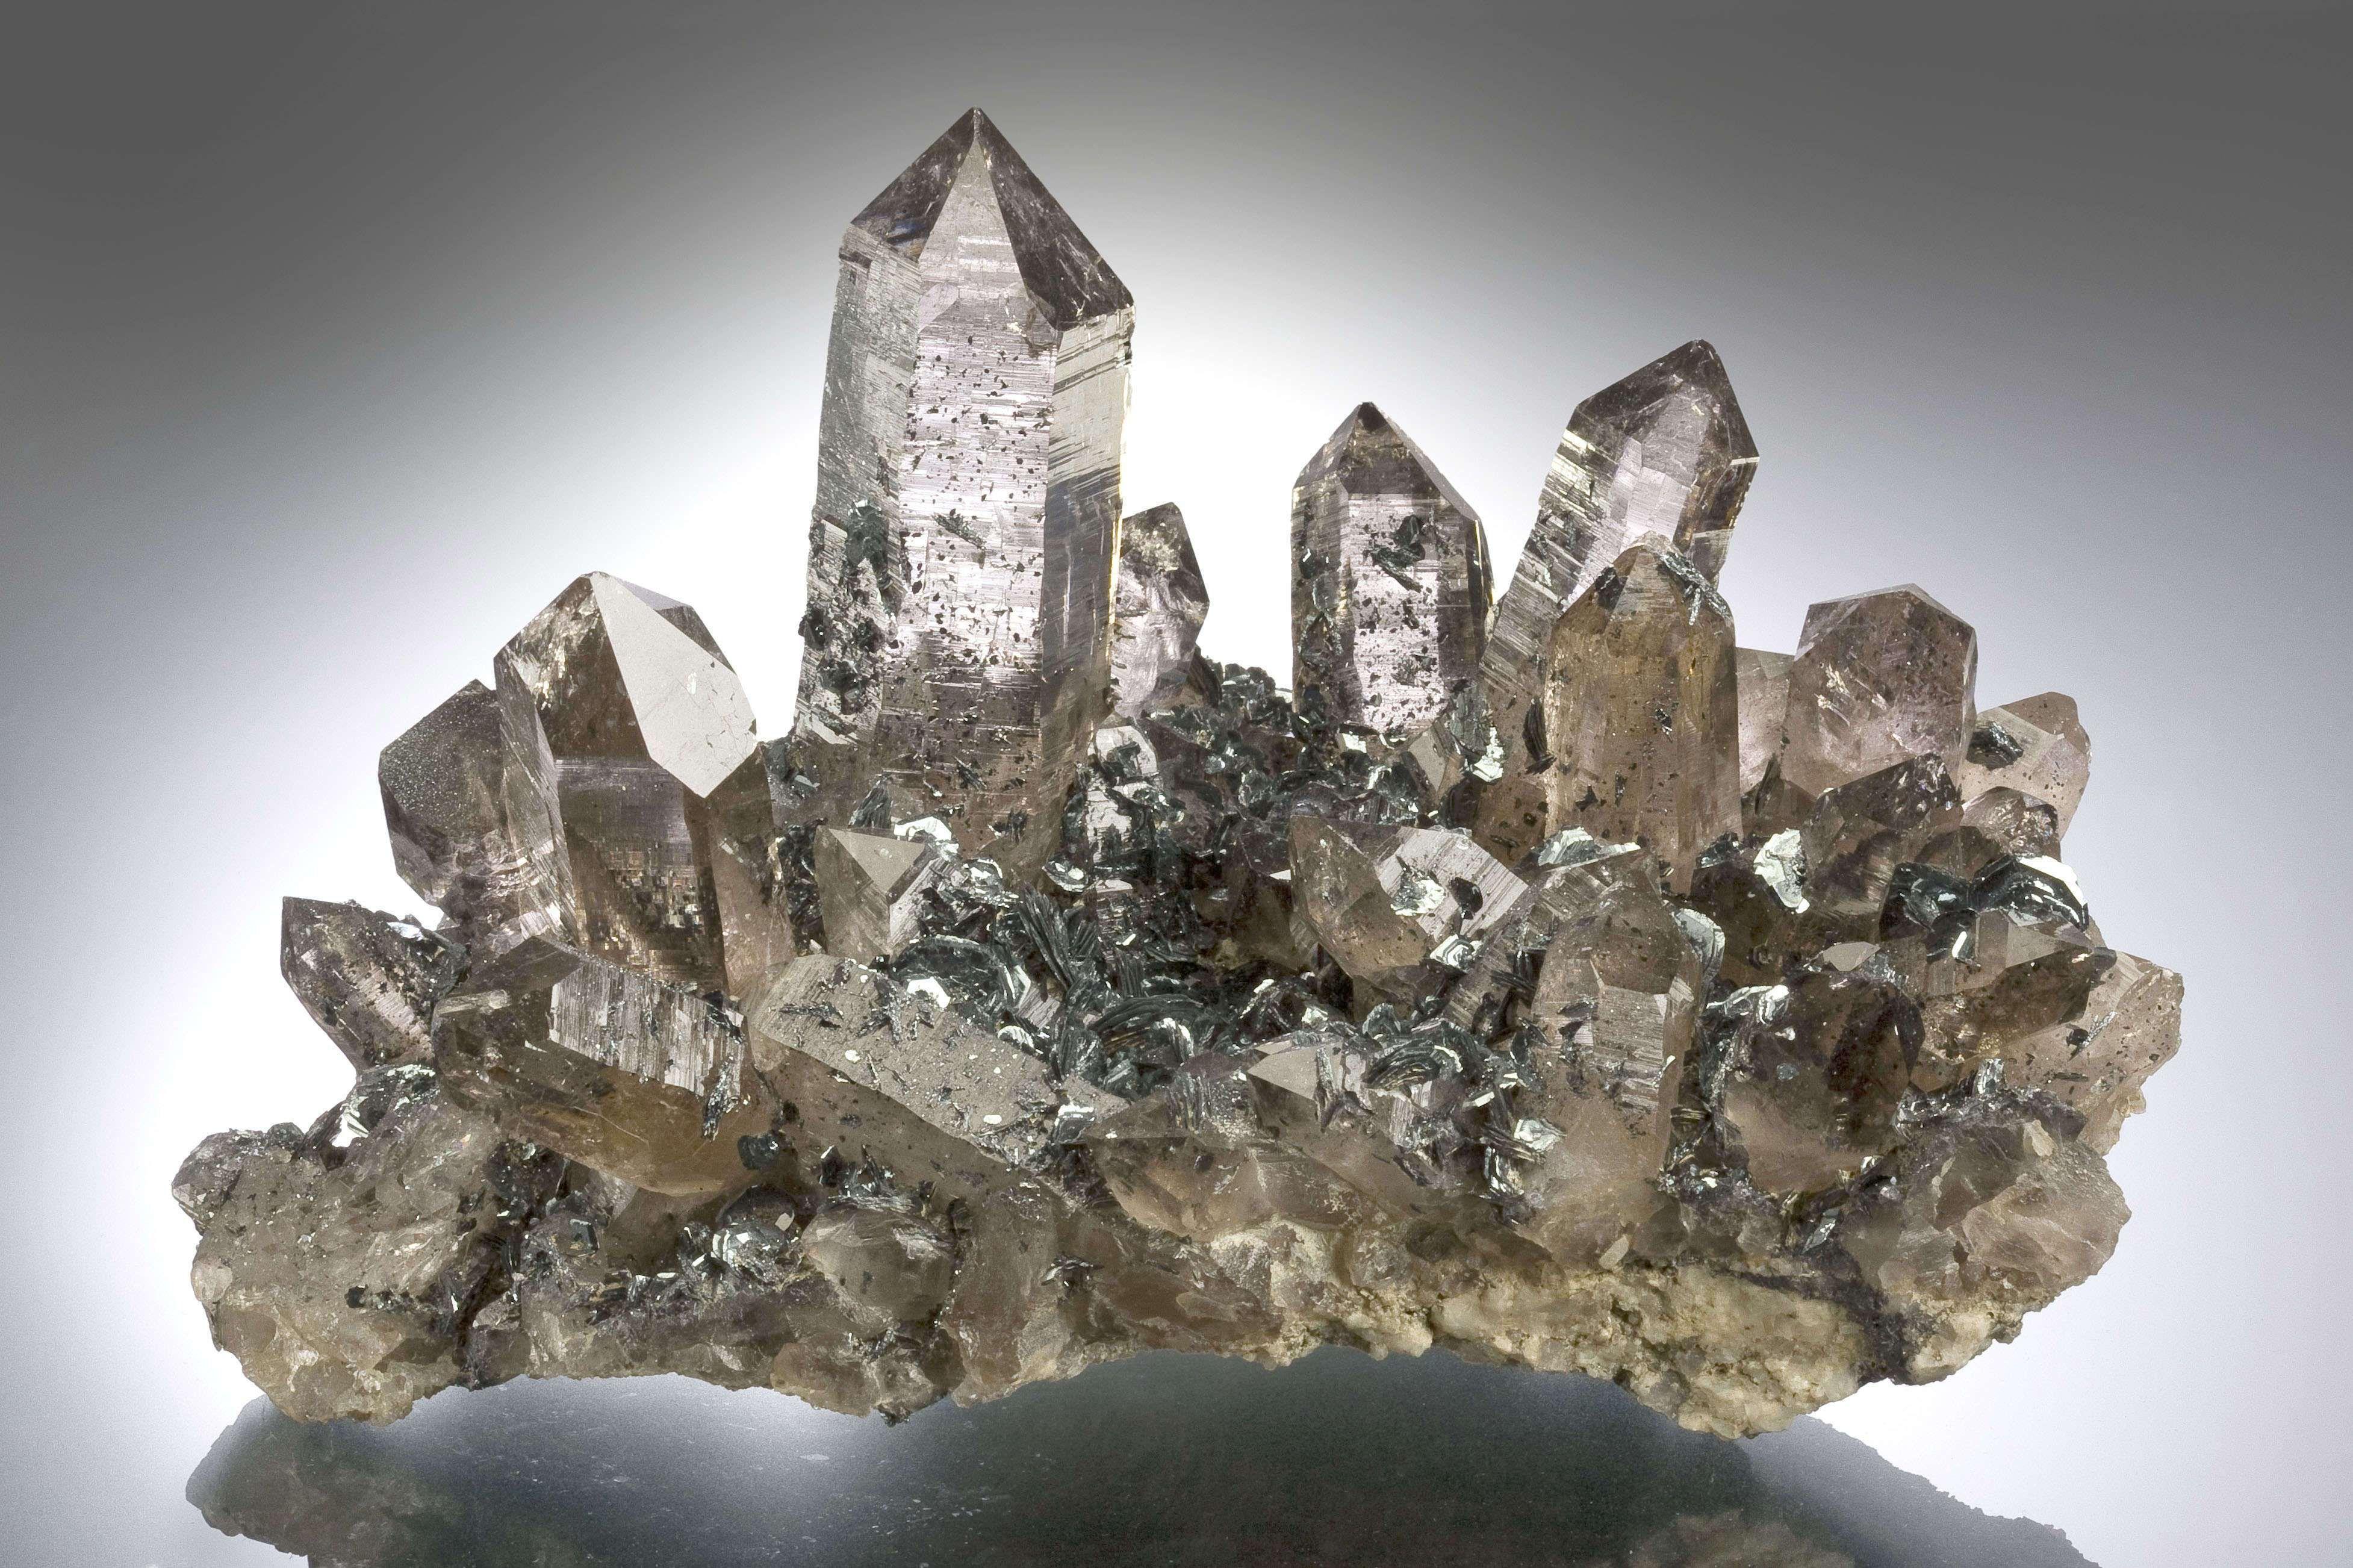 Quartz With Hematite - Klein Buhlen Horn, Cavradi gorge, Curnera Valley, Grischun (Graubunden), Switzerland Size: 17.0 x 11.5 x 10.5 cm